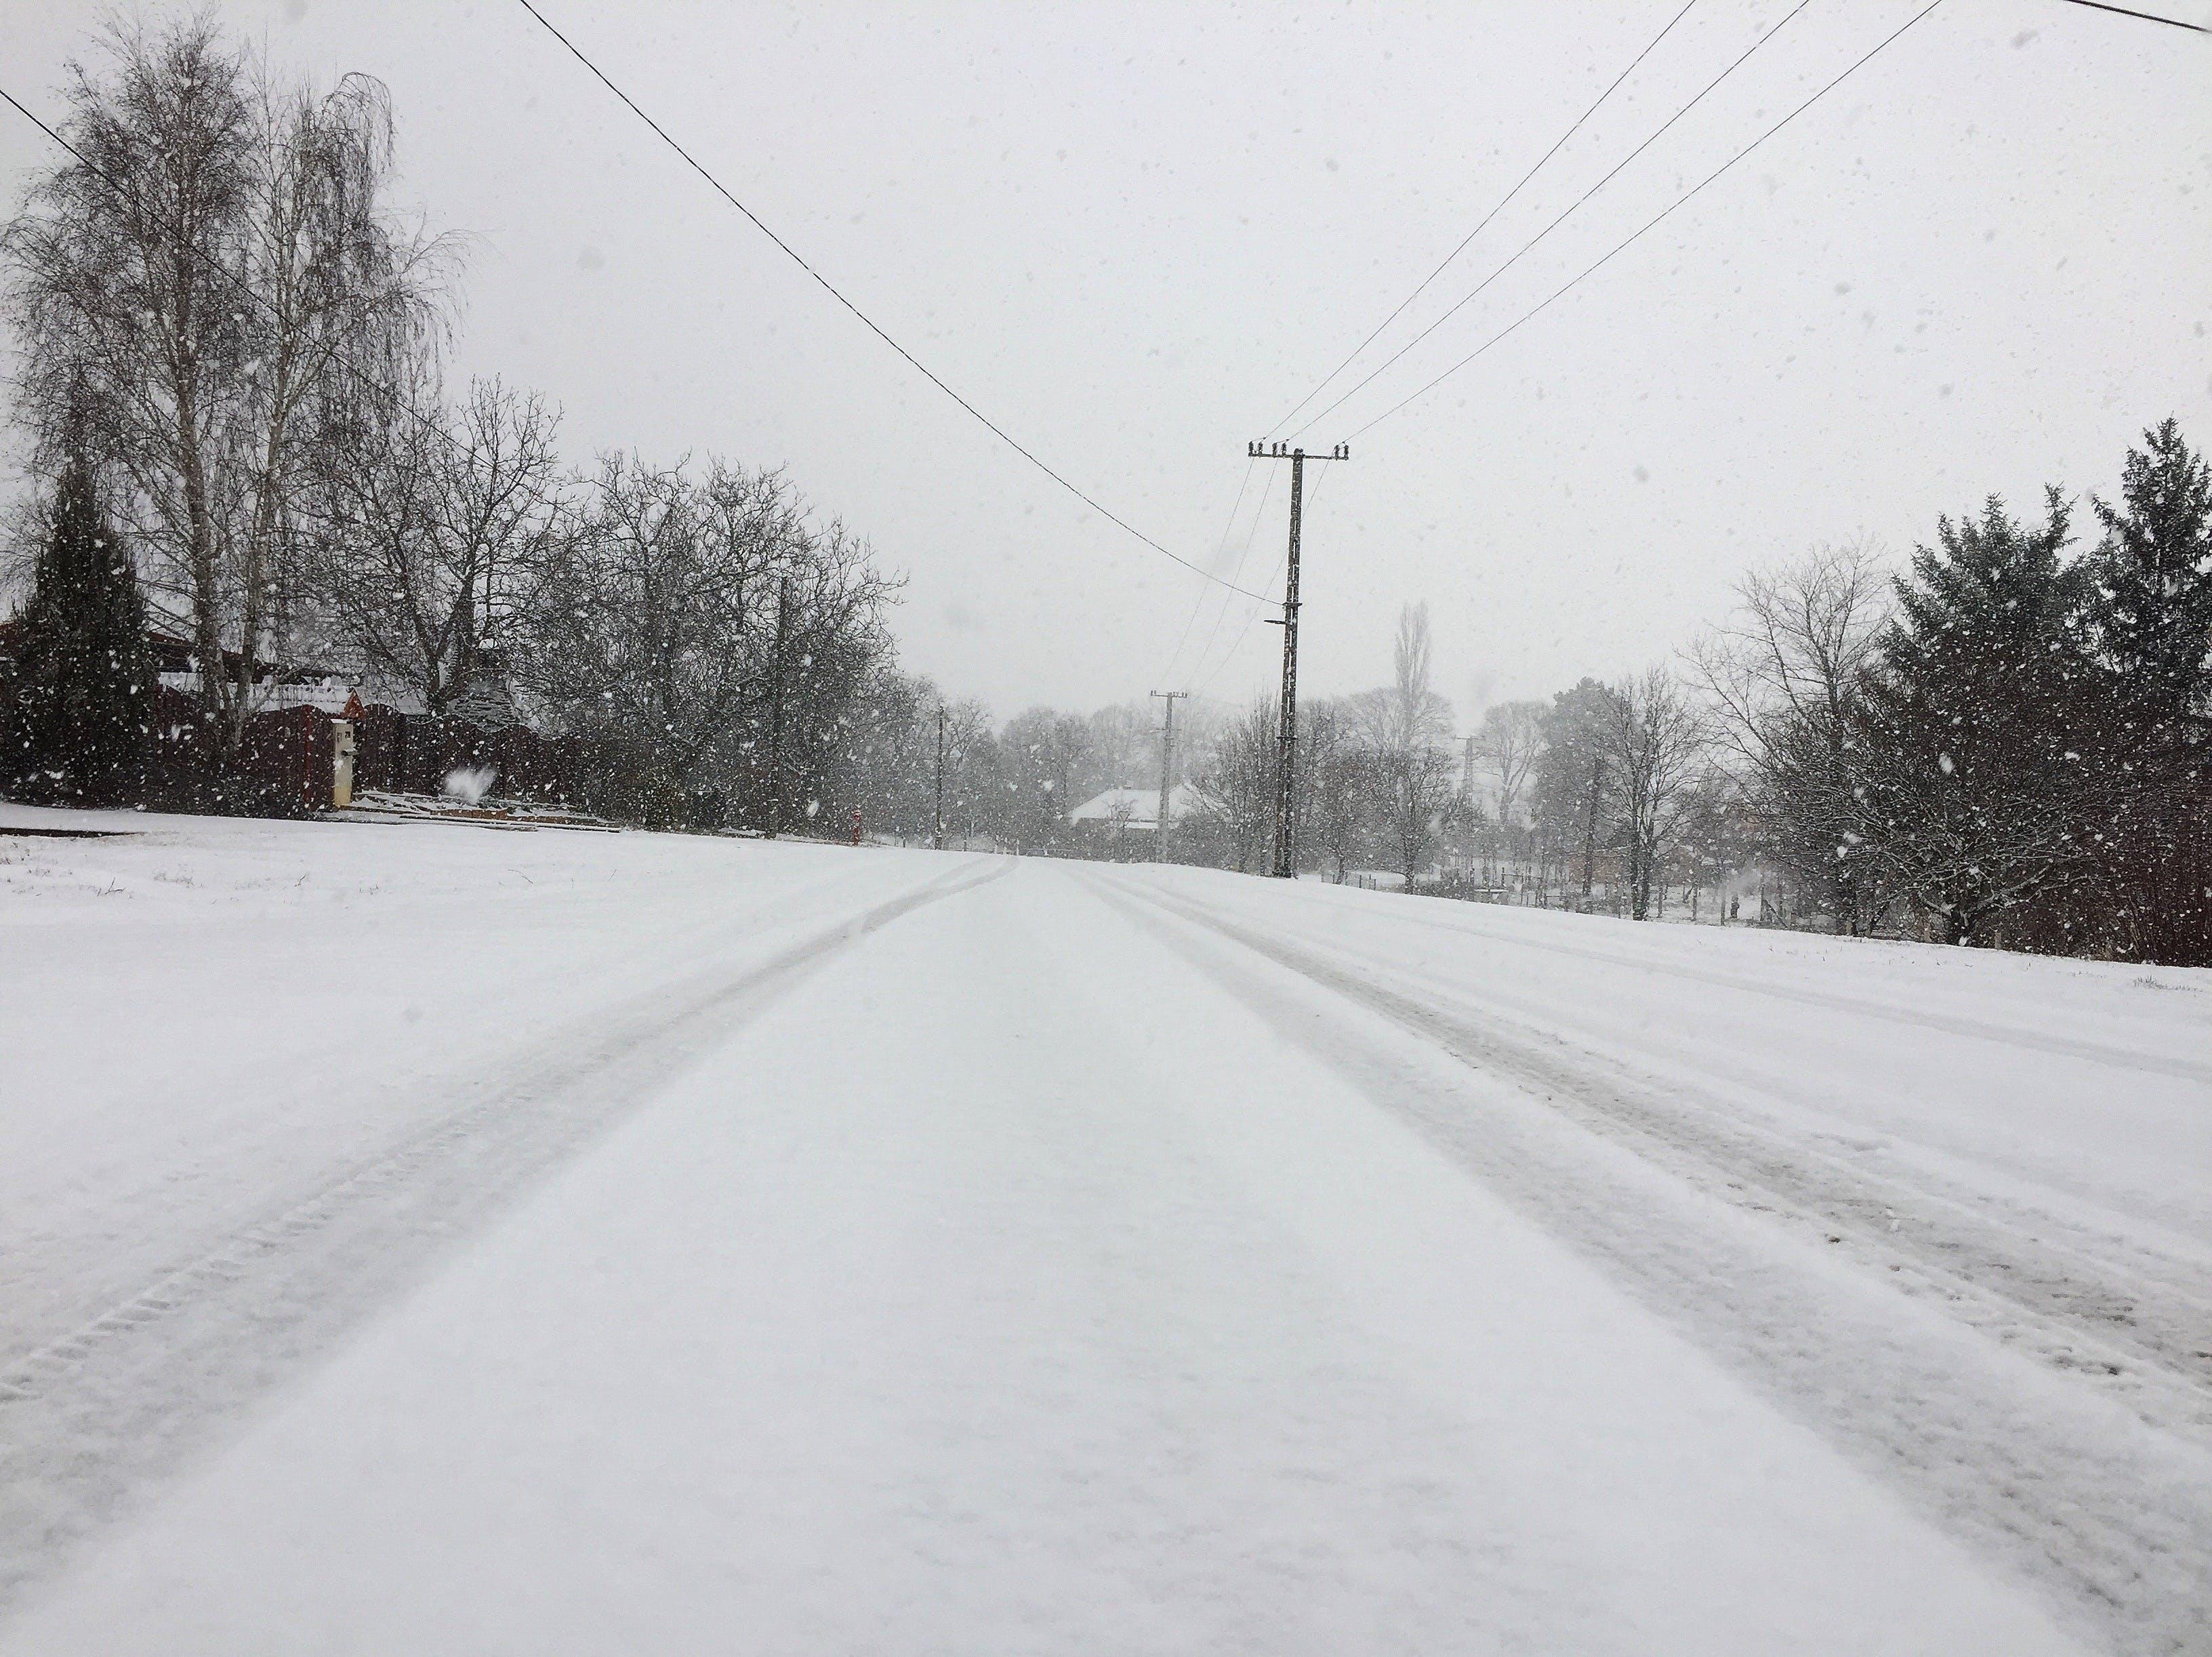 Kostenloses Stock Foto zu schnee, natur, winter, winter straße